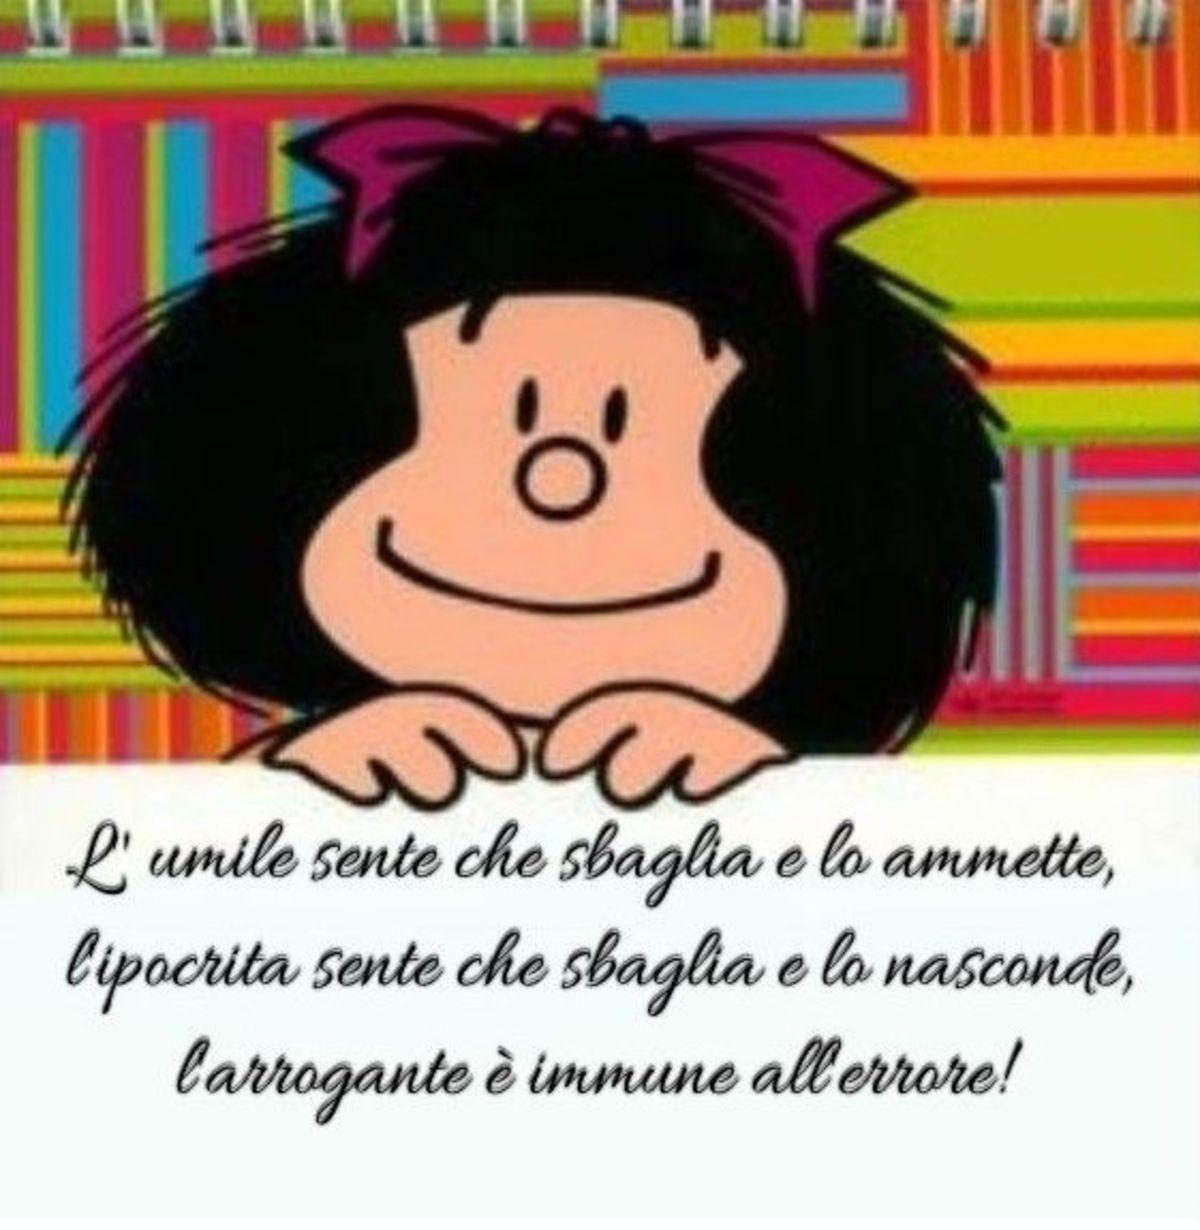 L'umile sente che sbaglia e lo ammette, l'ipocrita sente che sbaglia e lo nasconde, l'arrogante è immune all'errore. (Mafalda)